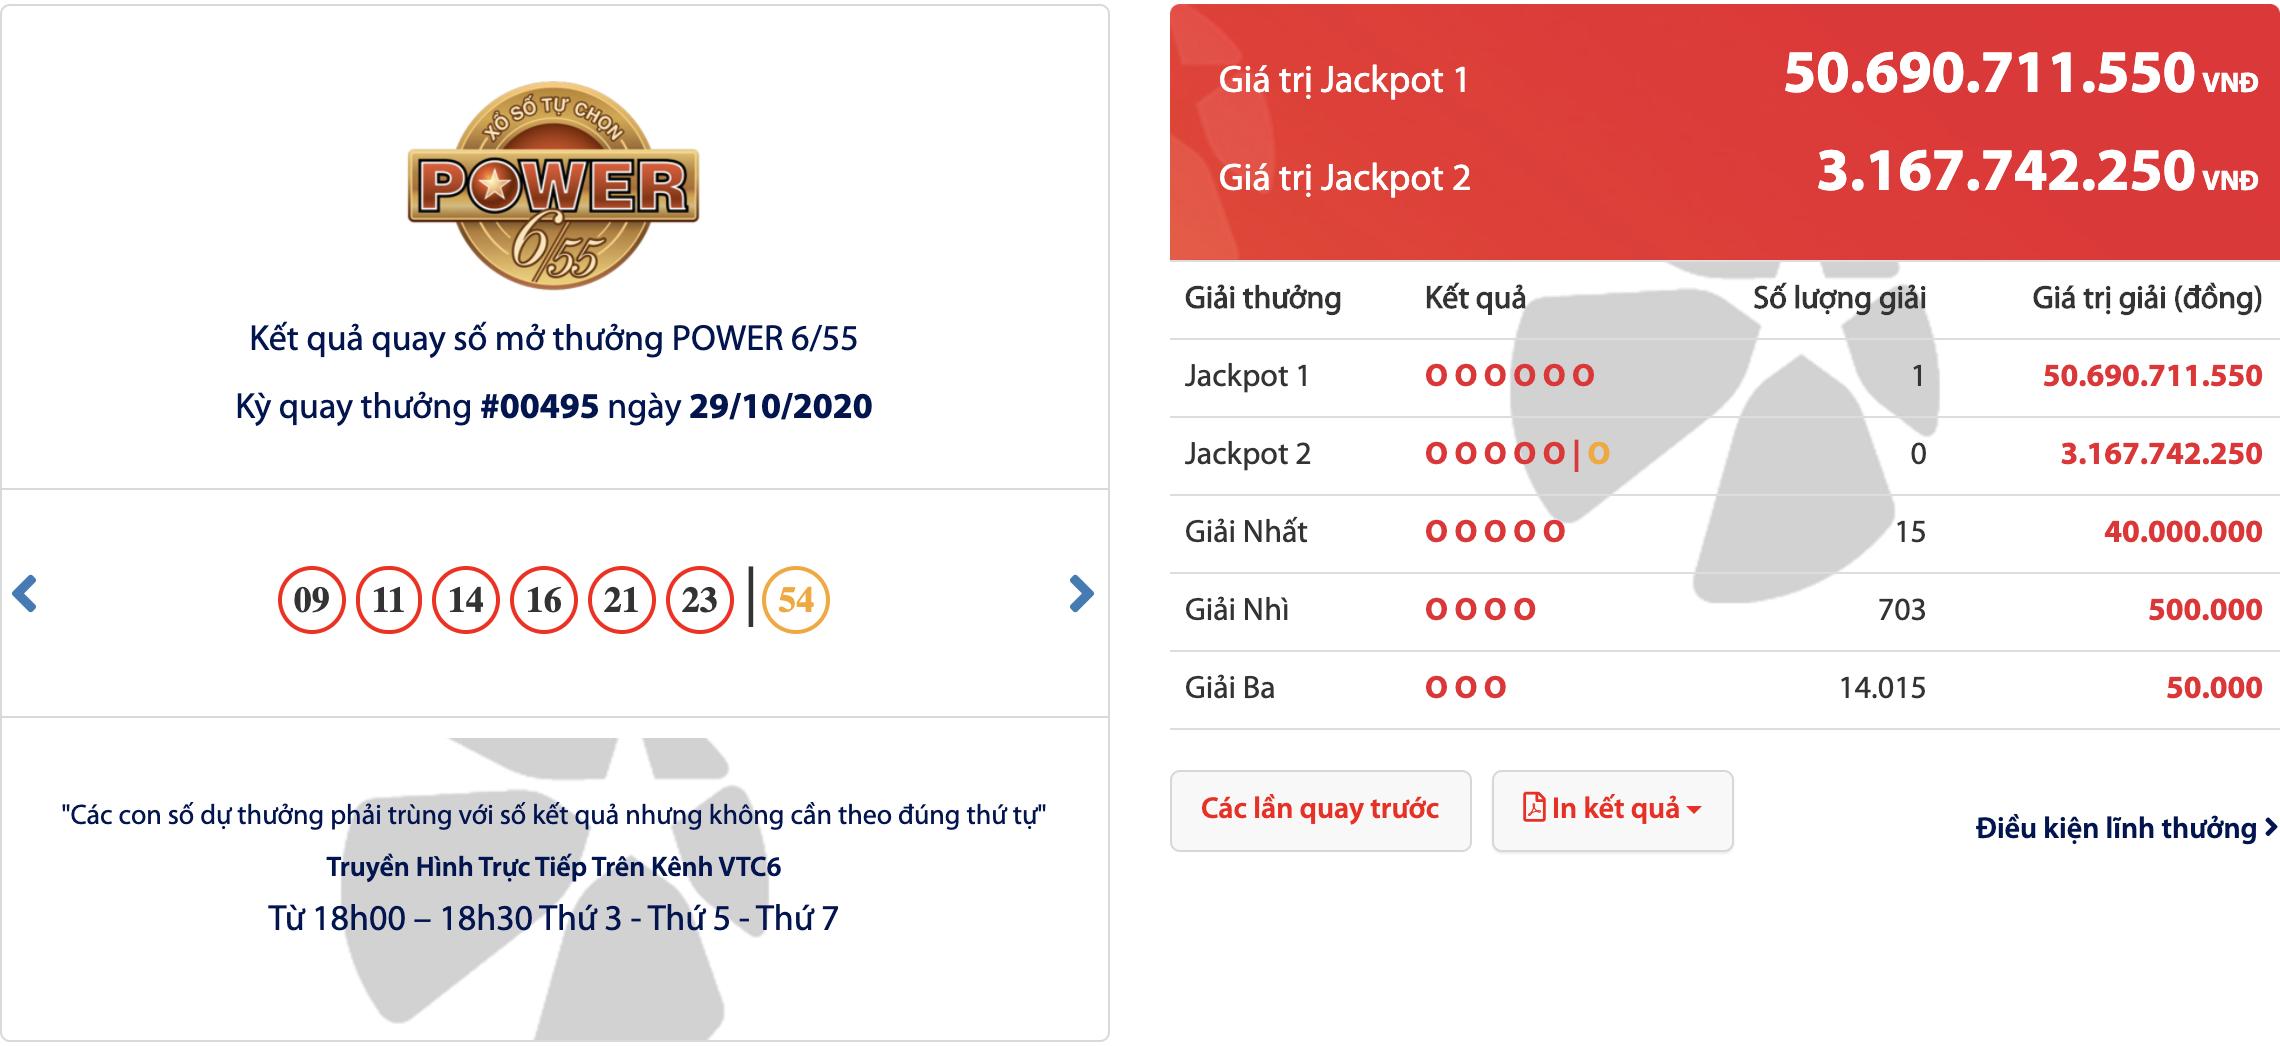 Vé trúng Jackpot Power 6/55 kỳ 00495 hơn 50 tỷ phát hành tại TP. Hồ Chí Minh